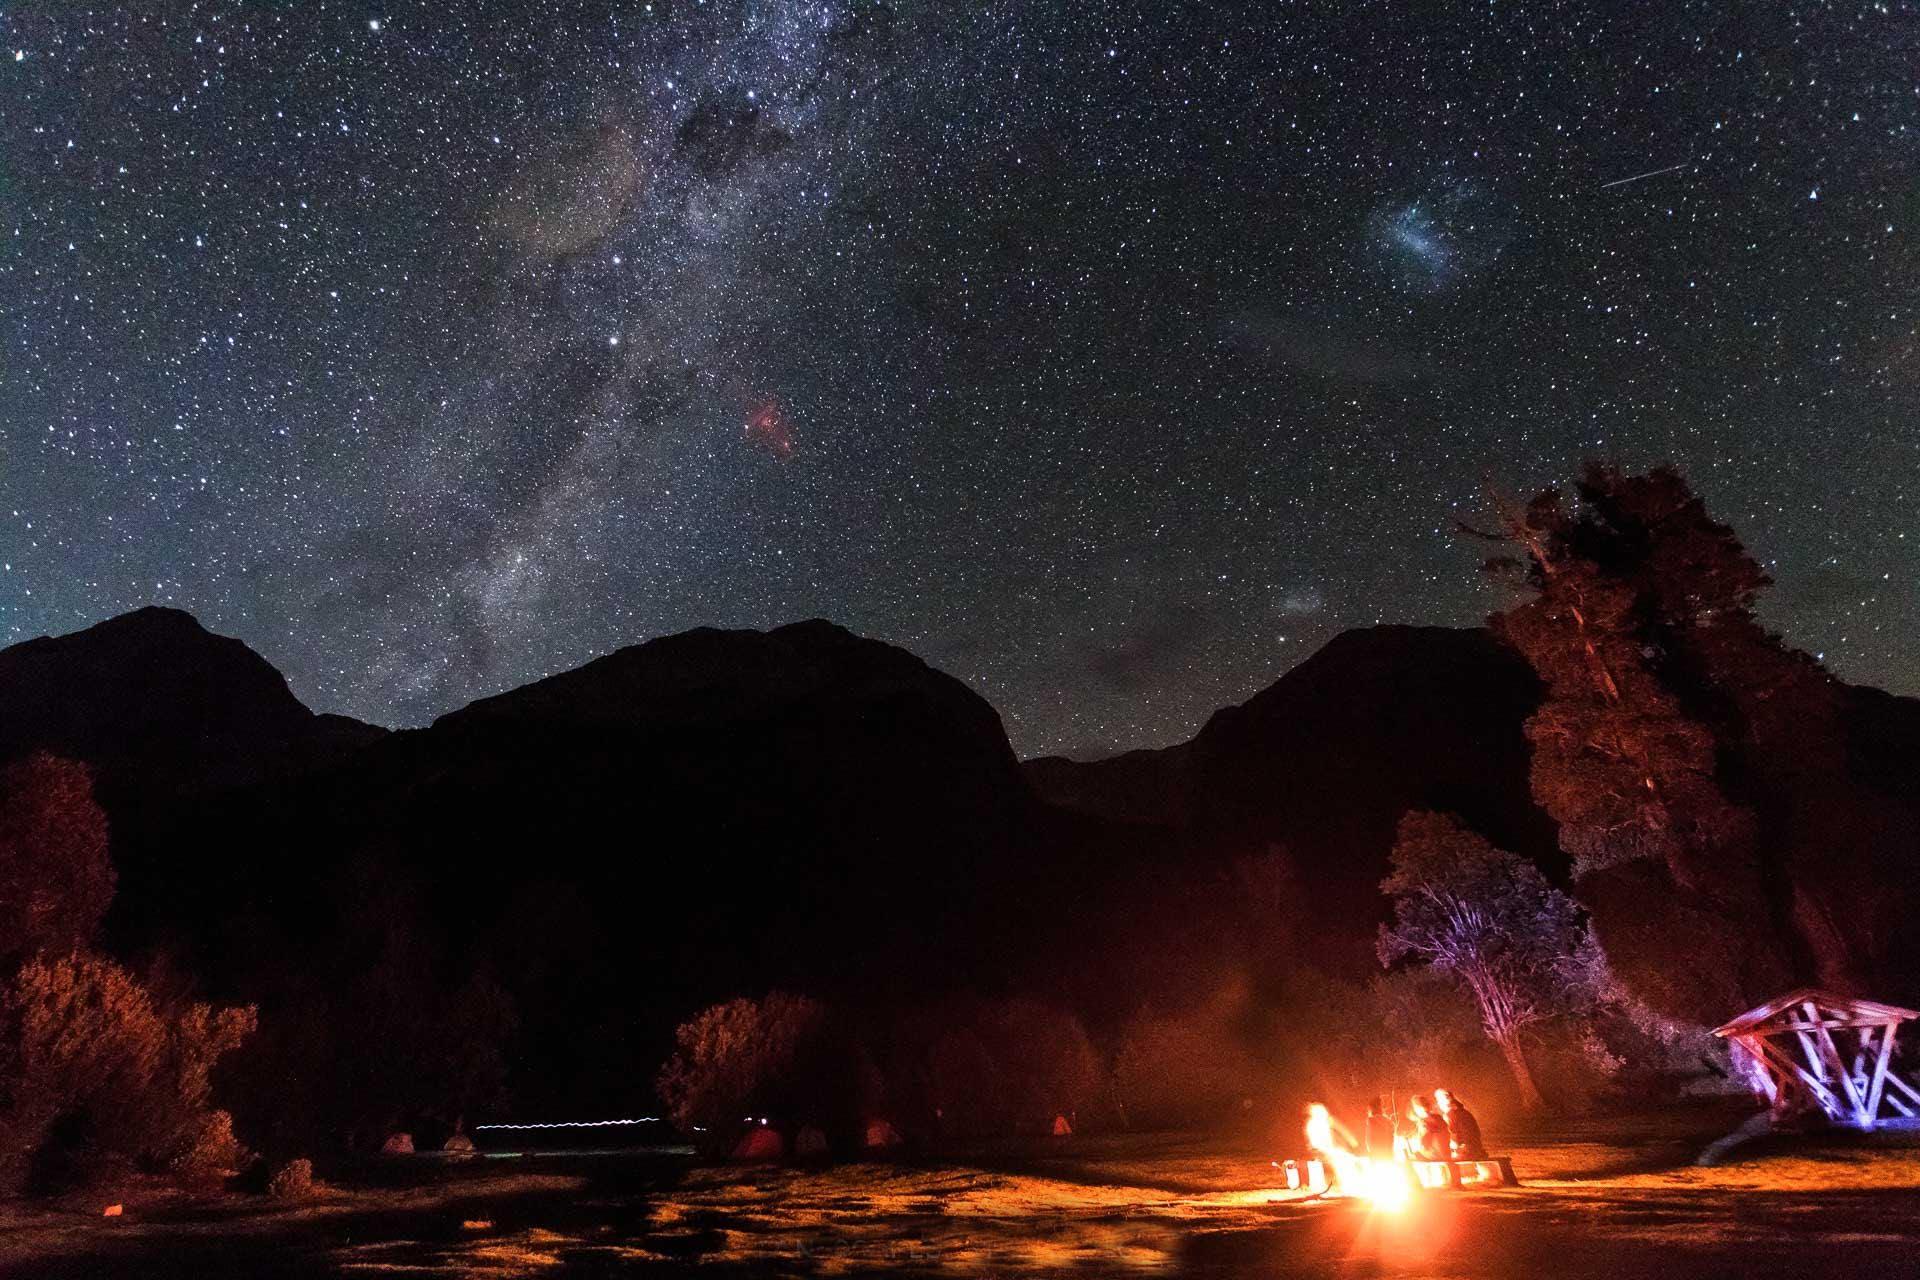 Una noche de puras estrellas y fuego. Los fuegos solo están permitidos durante momentos específicos durante la temporada fuera de los meces enero y febrero cuando corre más riesgo de incendios.